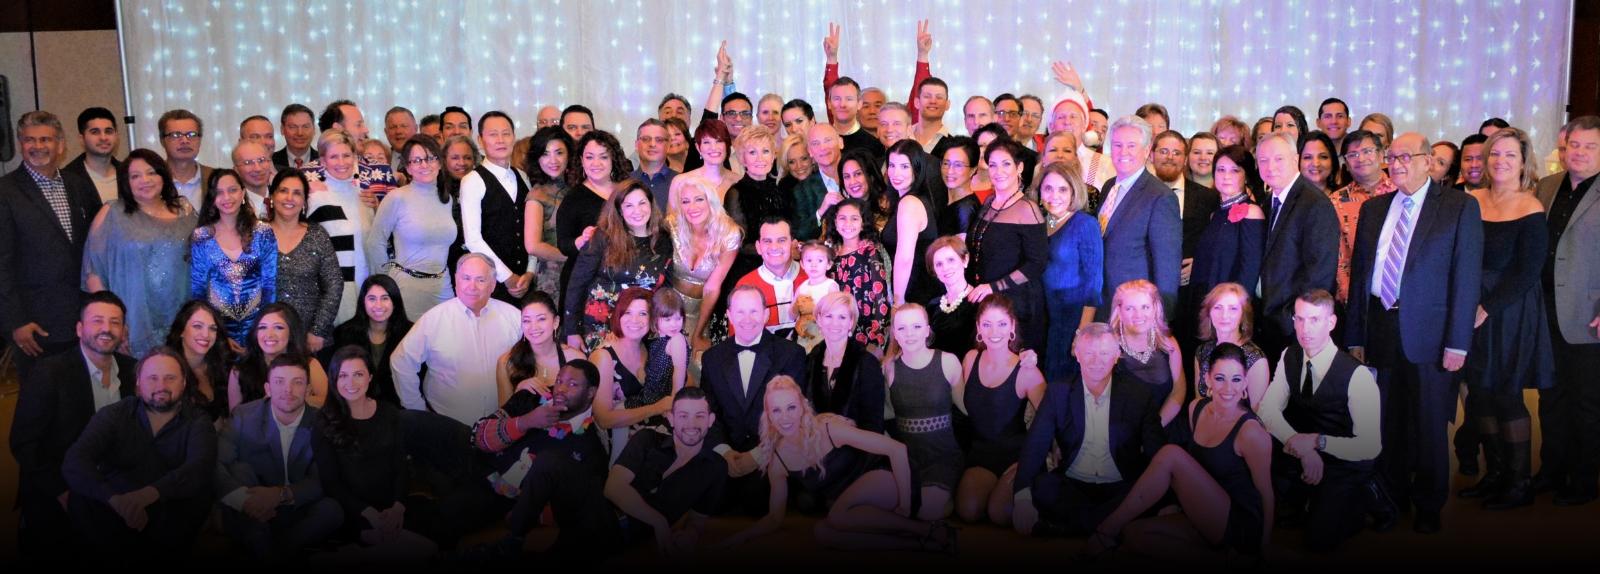 Ballroom dance lessons Naperville